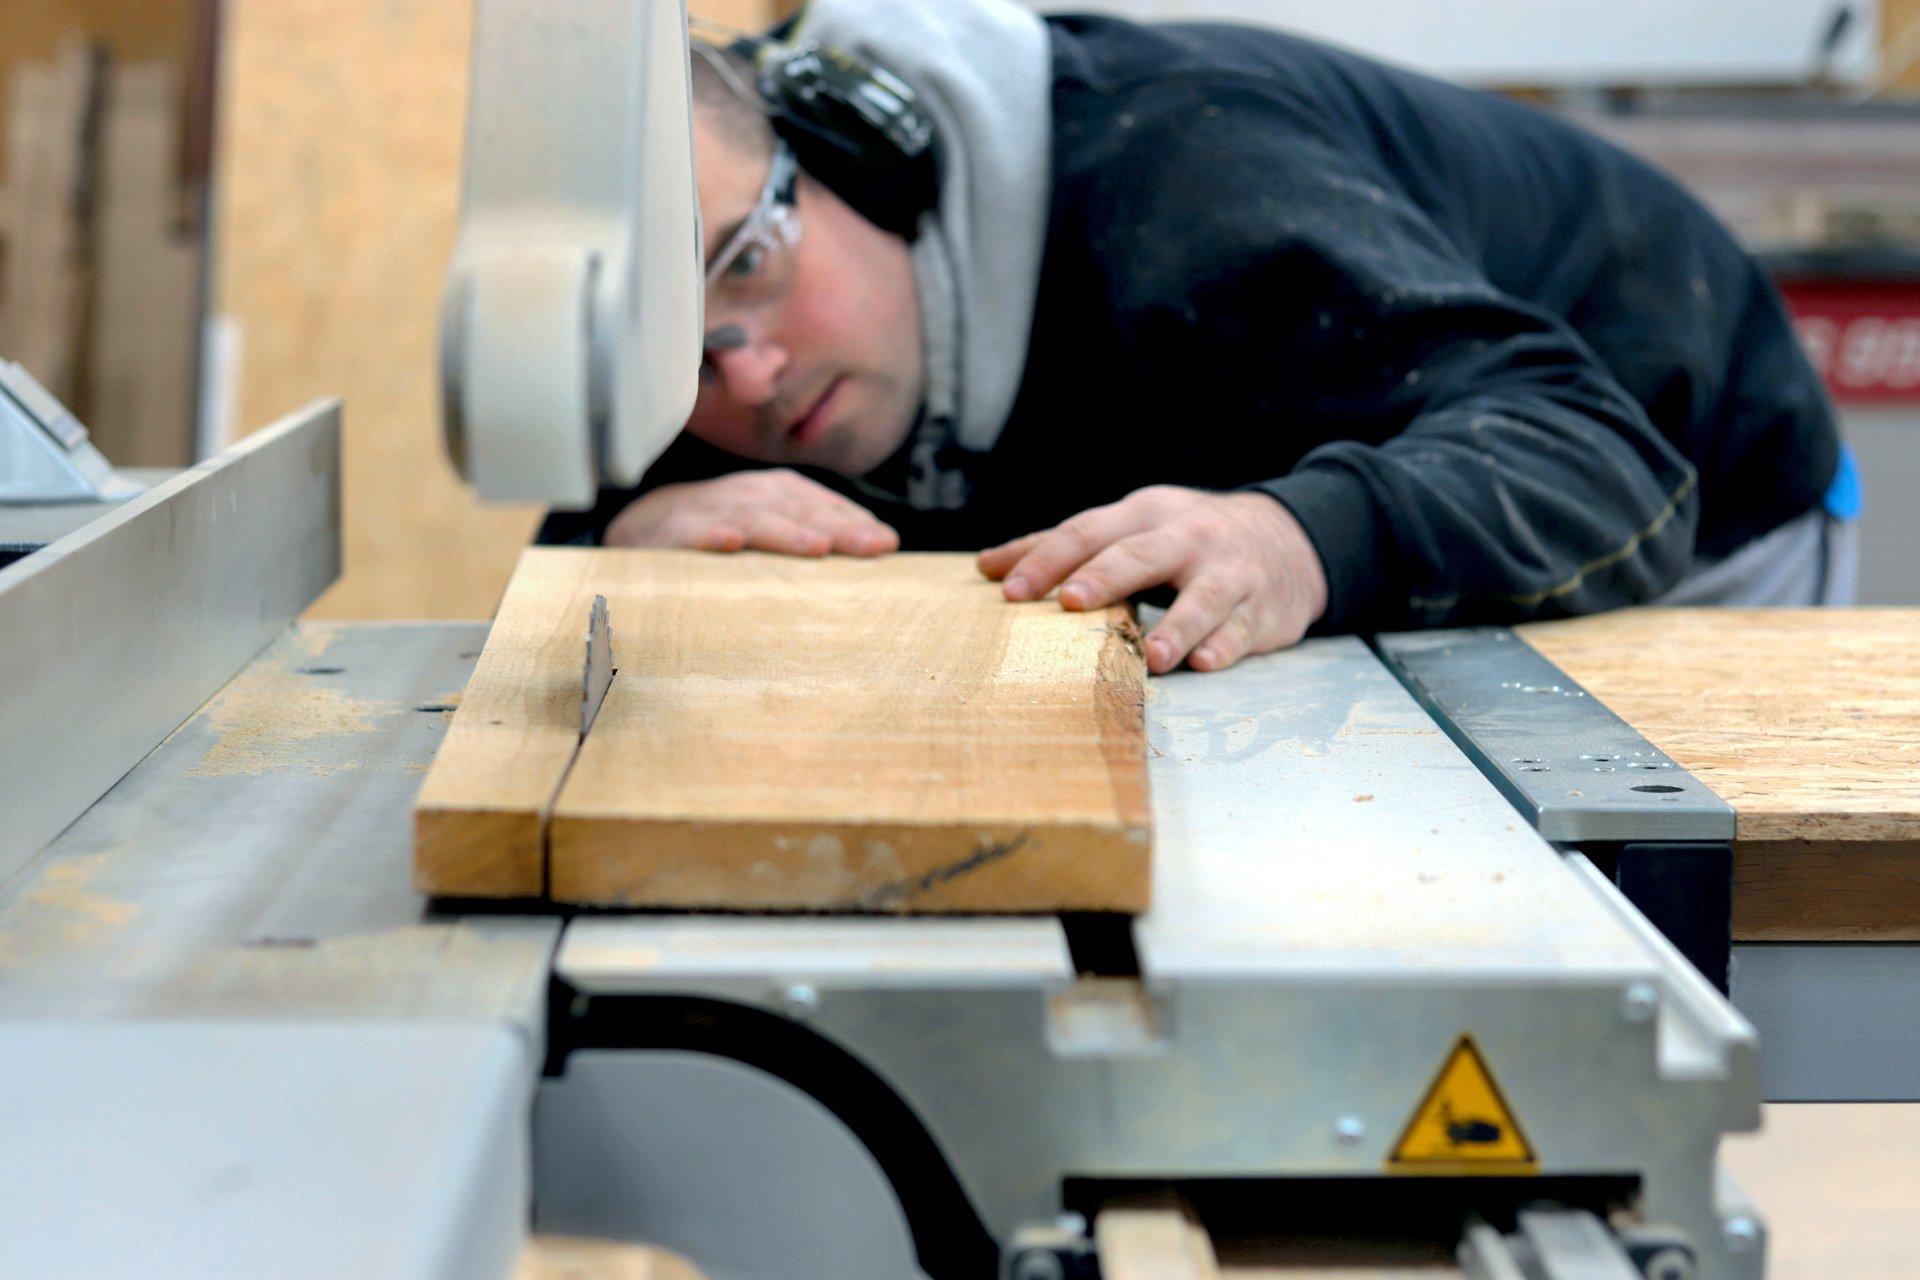 Produkujemy dębowe stoły loftowe, blaty drewniane do kuchni i łazienki, a nawet nowoczesne drewniane schody na beton.